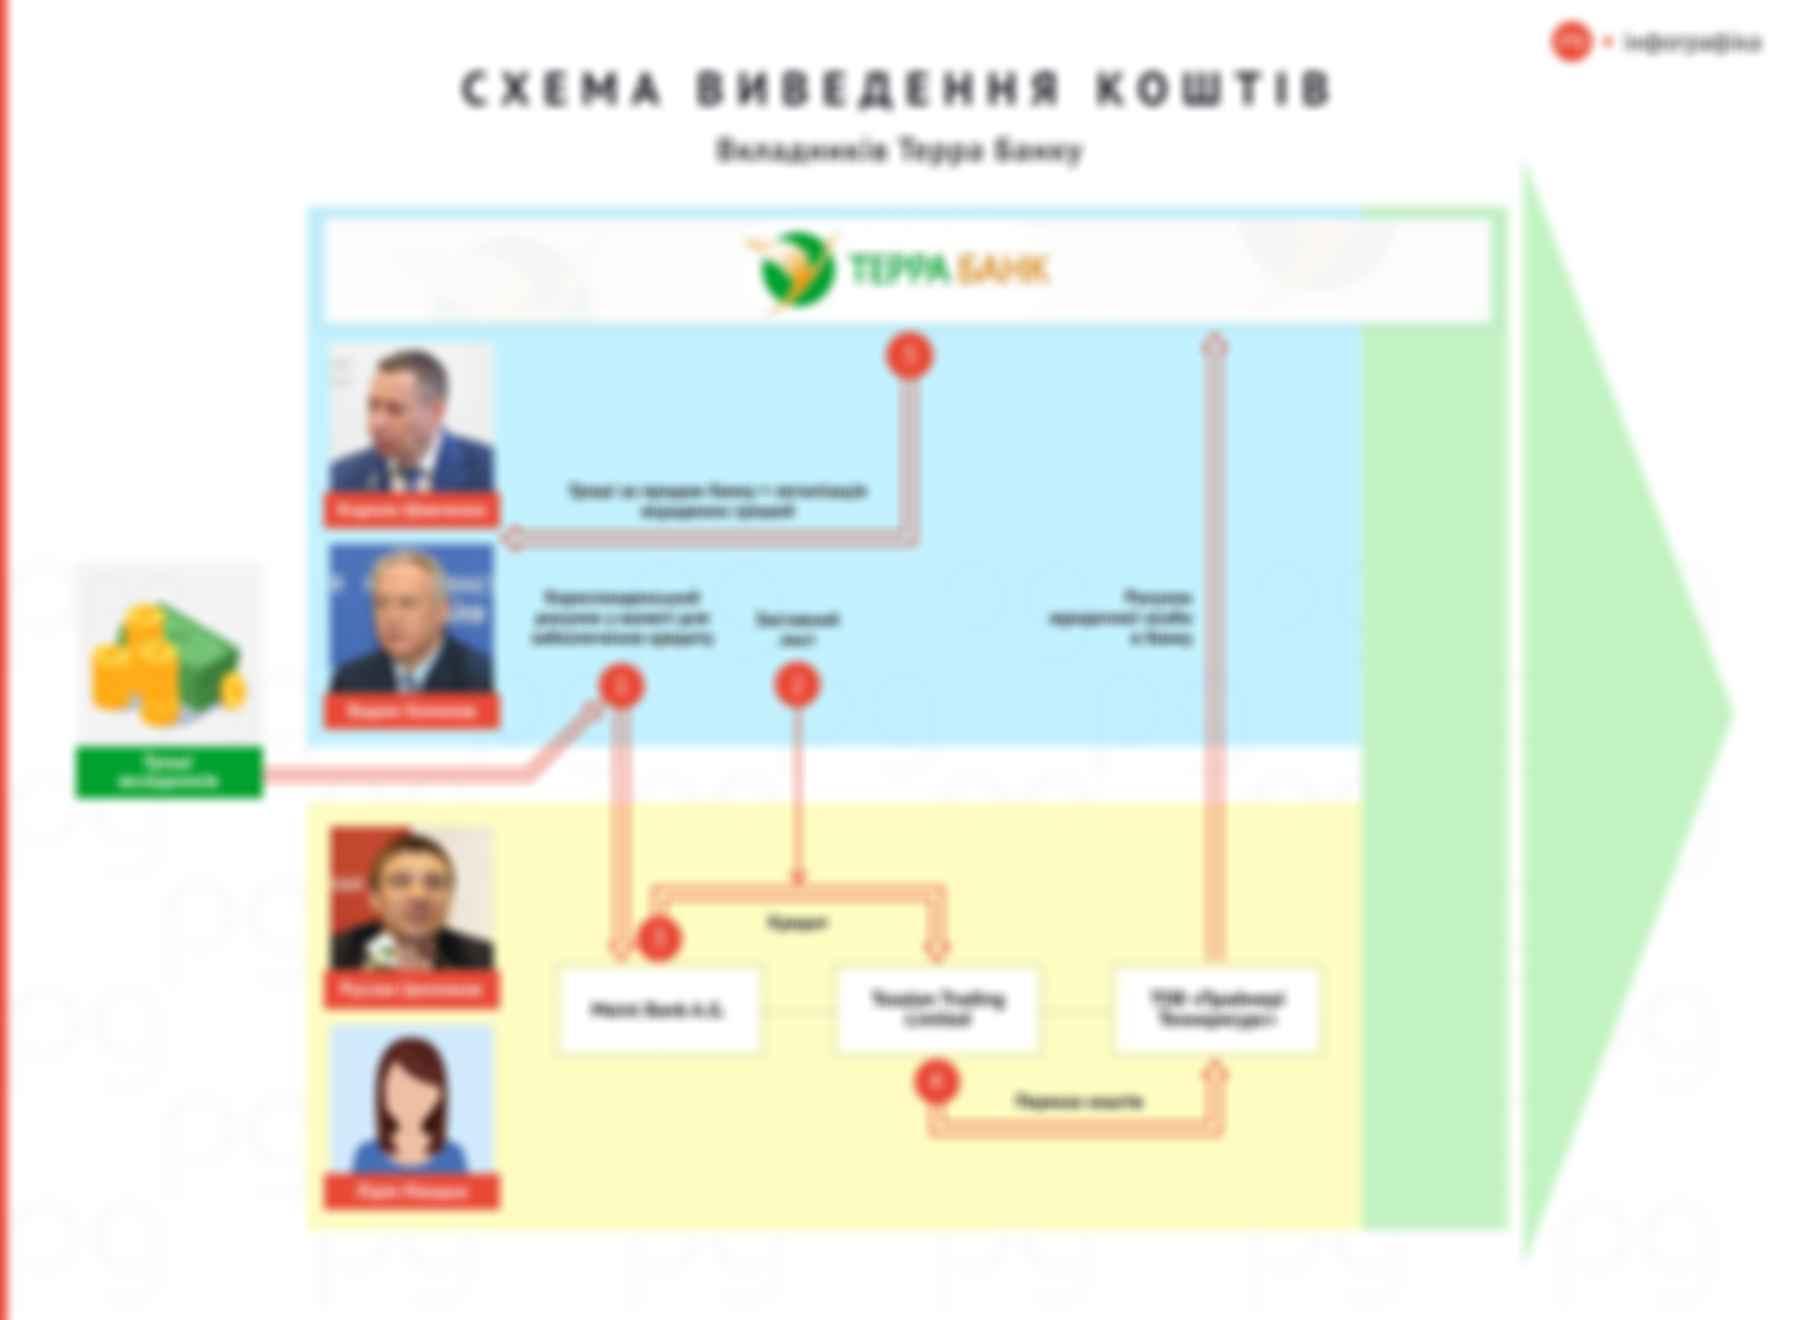 Схема виведення коштів вкладників Терра Банку. Інфографіка: The Page